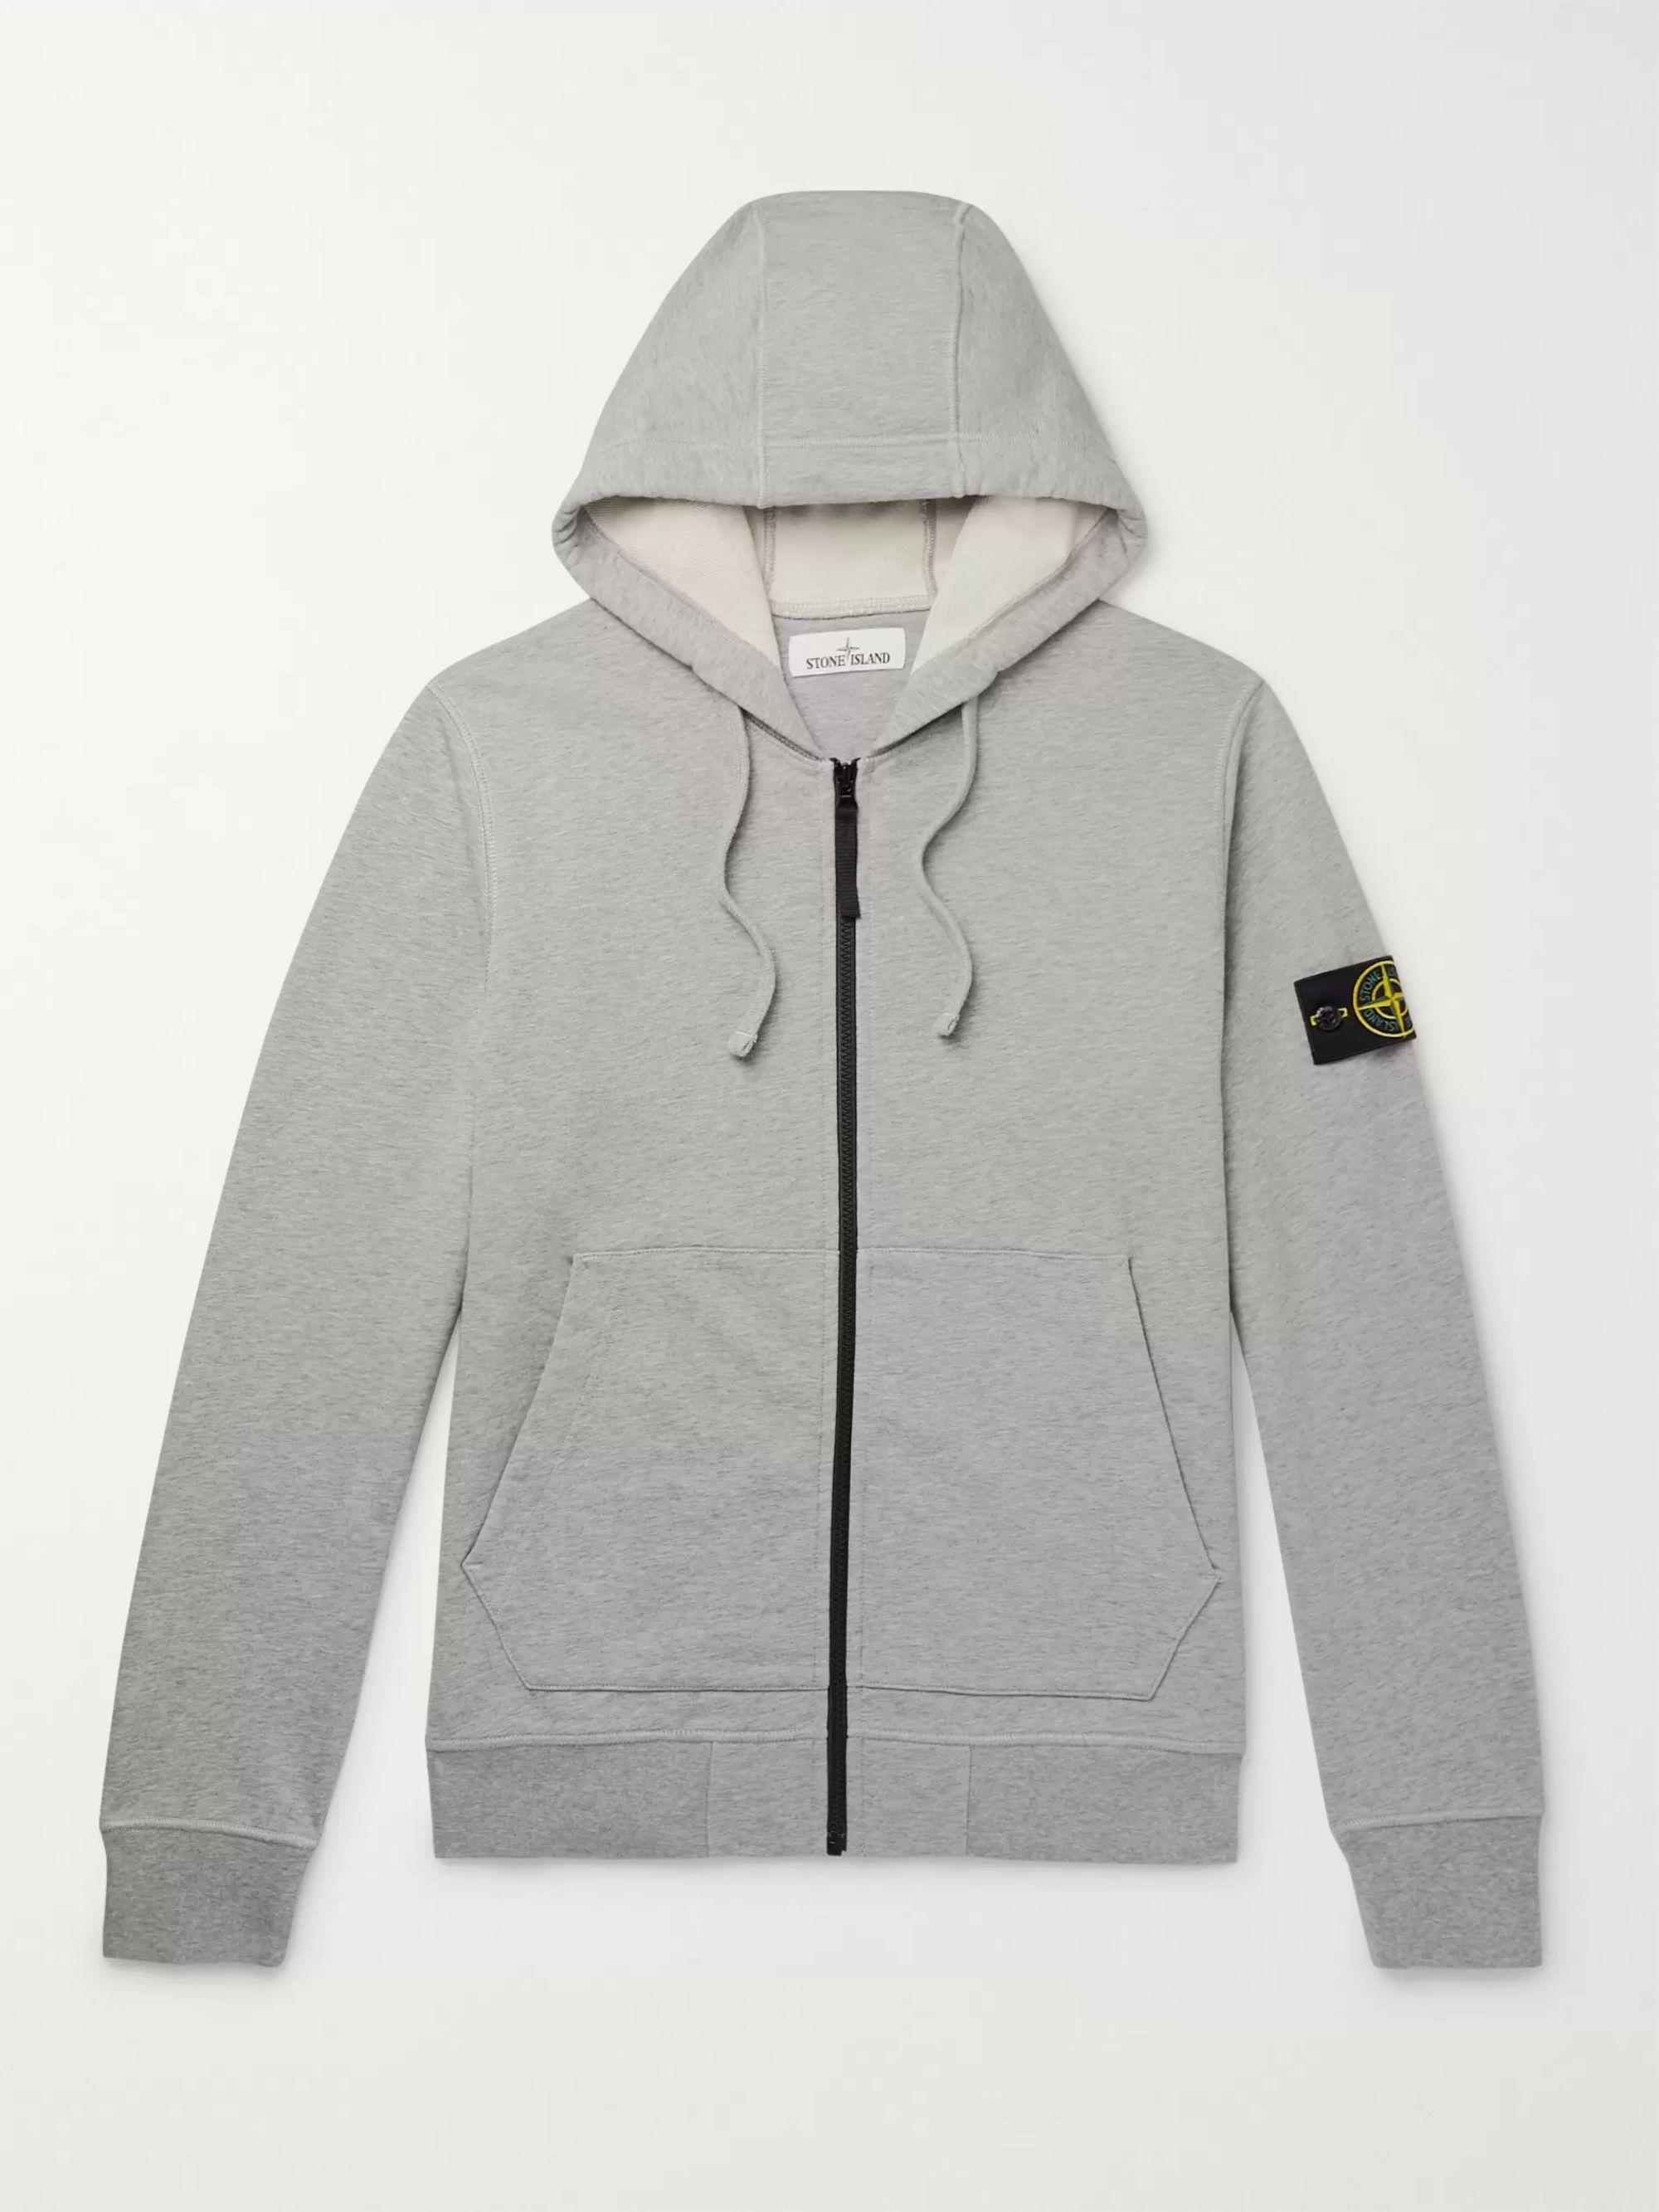 스톤 아일랜드 Stone Island Gray Garment-Dyed Loopback Melange Cotton-Jersey Zip-Up Hoodie,Gray